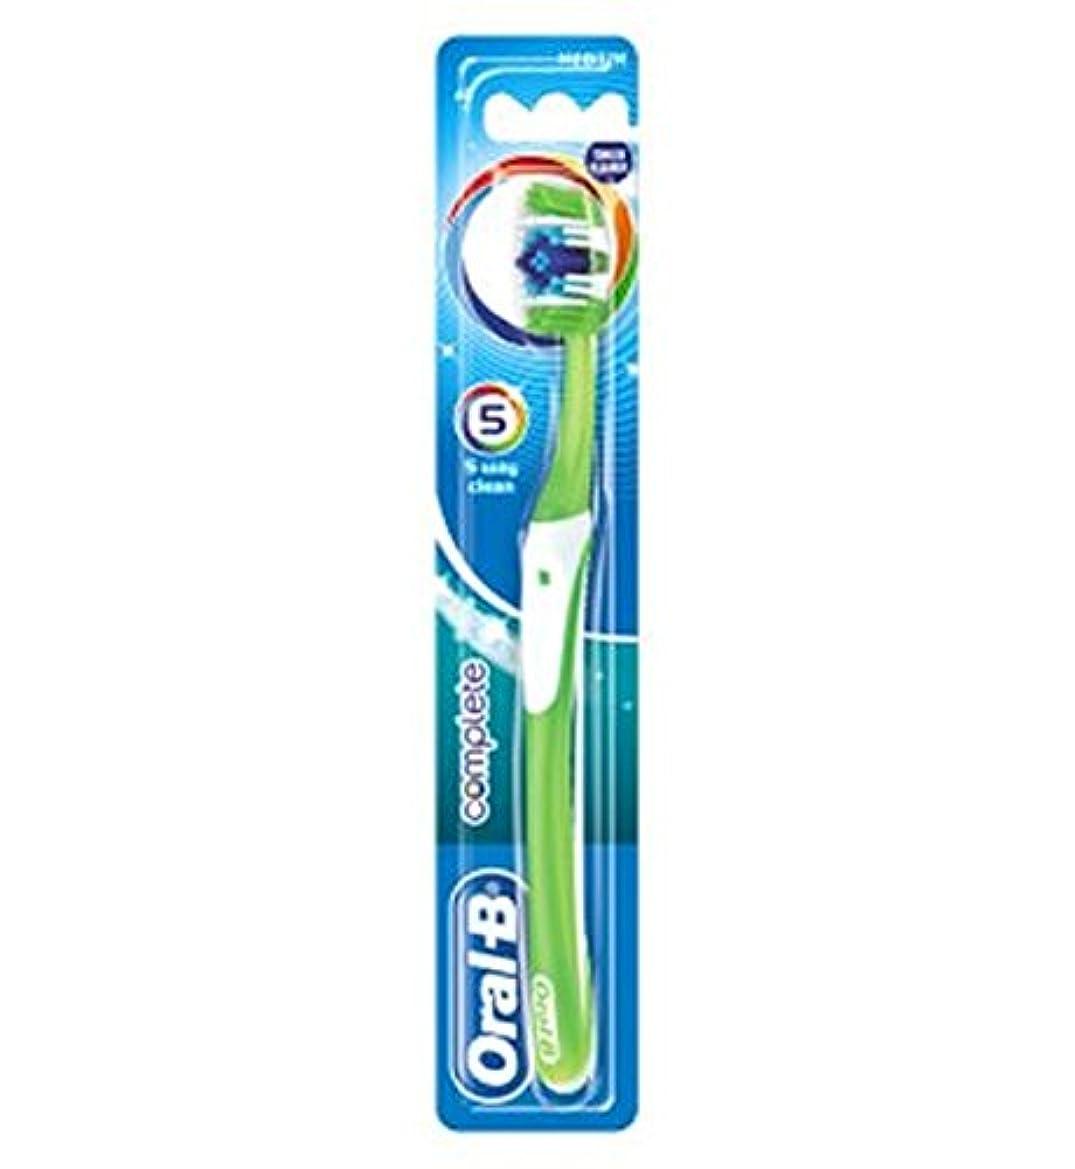 運動頭回答Oral-B Complete 5 Way Clean Medium Manual Toothbrush - オーラルBの完全な5道クリーンなメディアの手動歯ブラシ (Oral B) [並行輸入品]